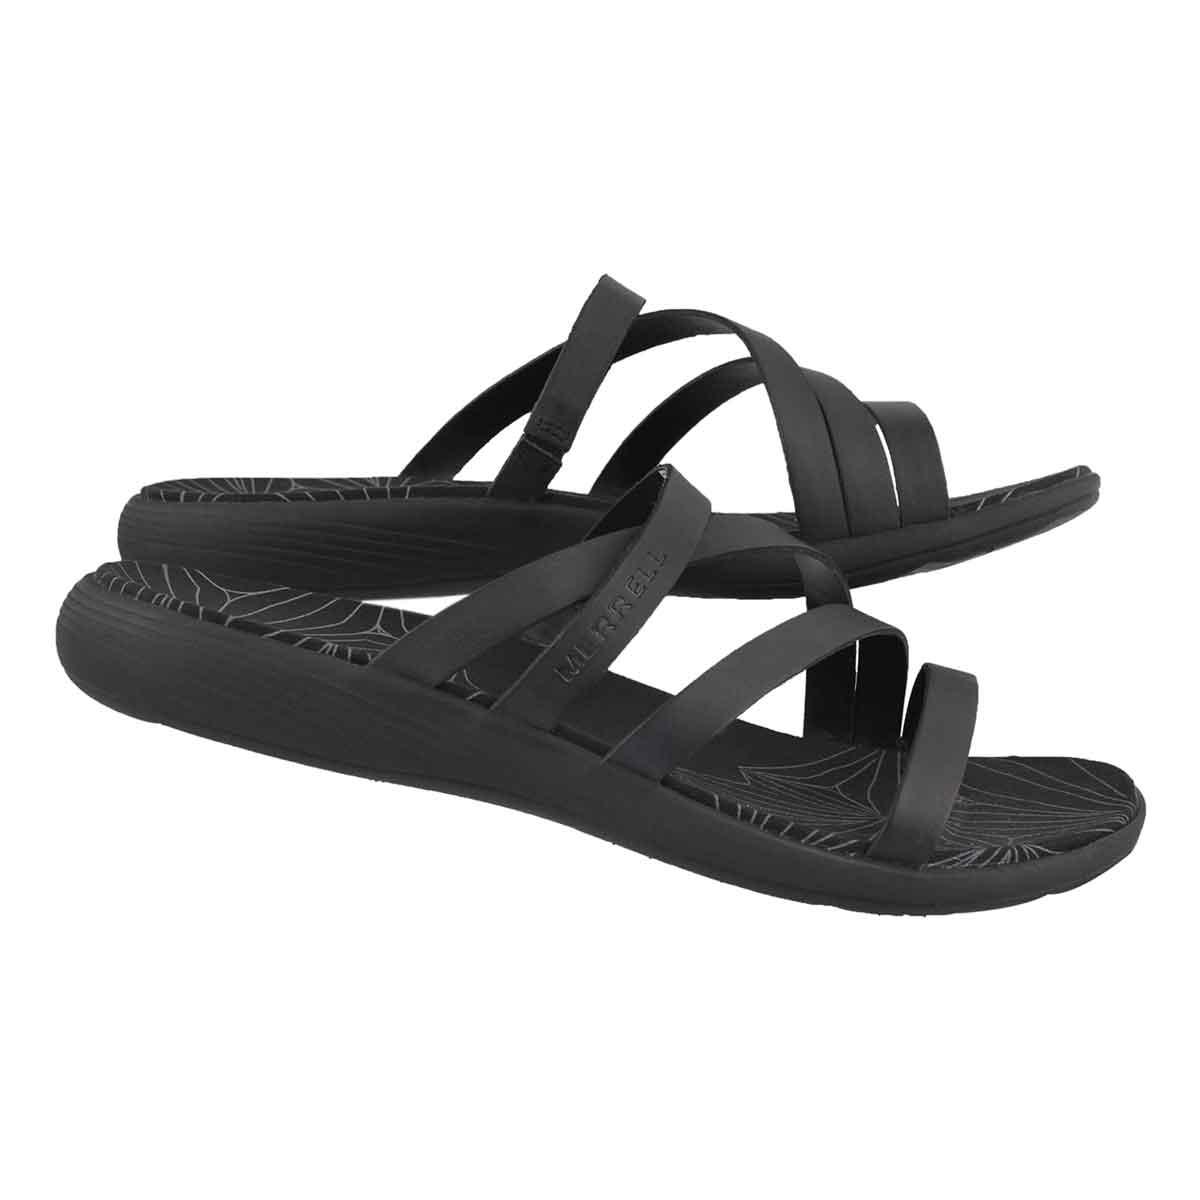 Lds Duskair Seaway Slide black sandal